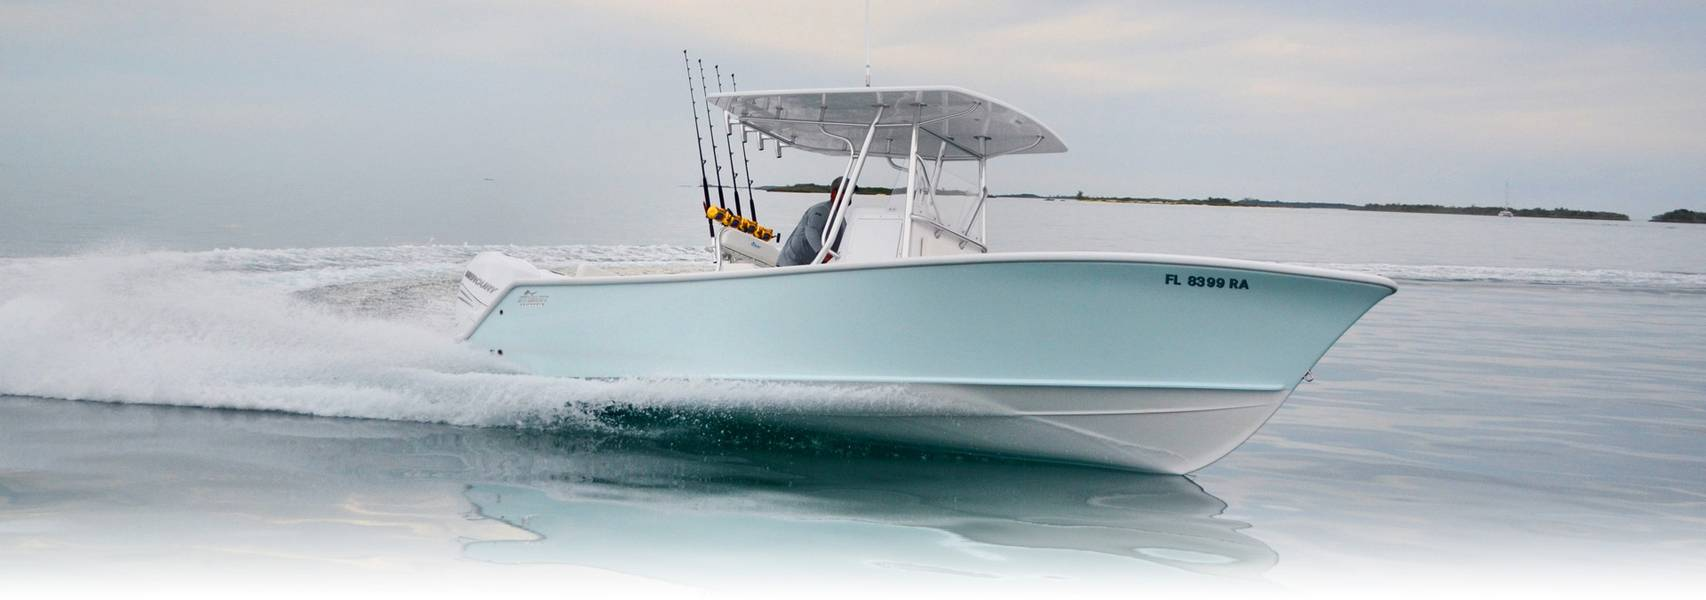 كان Stuart Boatworks 27 يعمل في مجال gamechanger لـ Ocean5 ، معروضًا أولاً في معرض Miami International للقوارب هذا العام. Image Courtesy Ocean 5 Naval Architects.